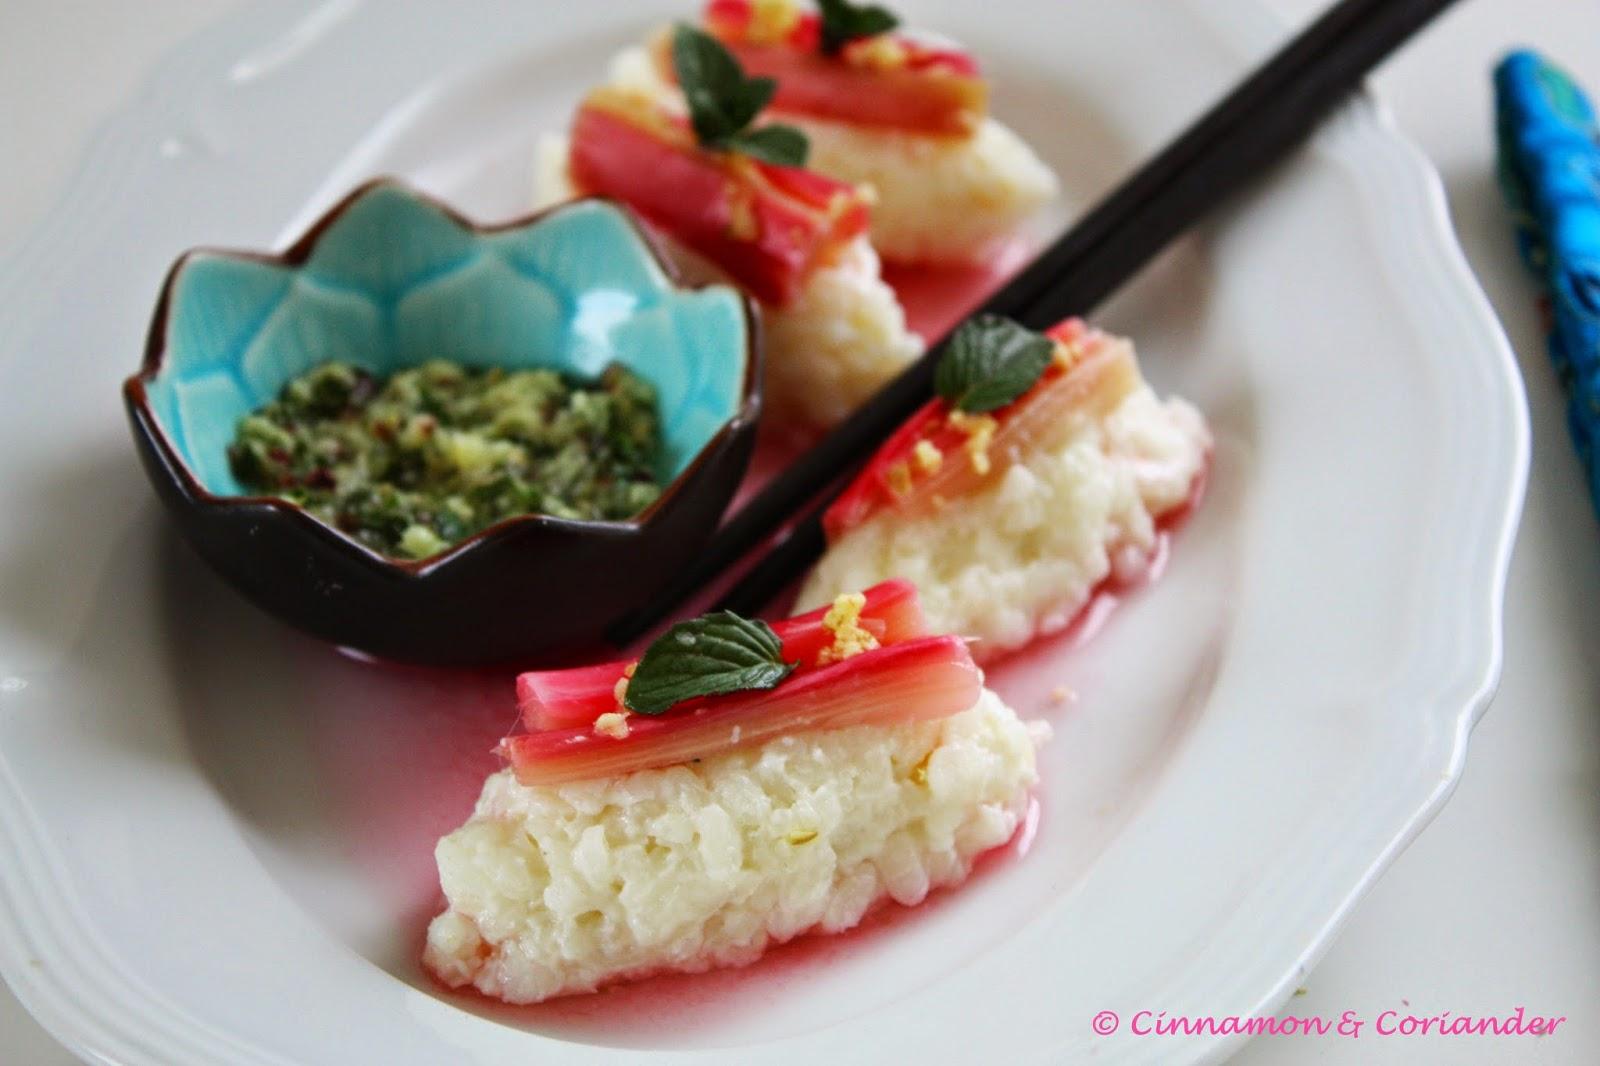 Süßes Sushi mit Rhabarber und Ingwer Minze Dip